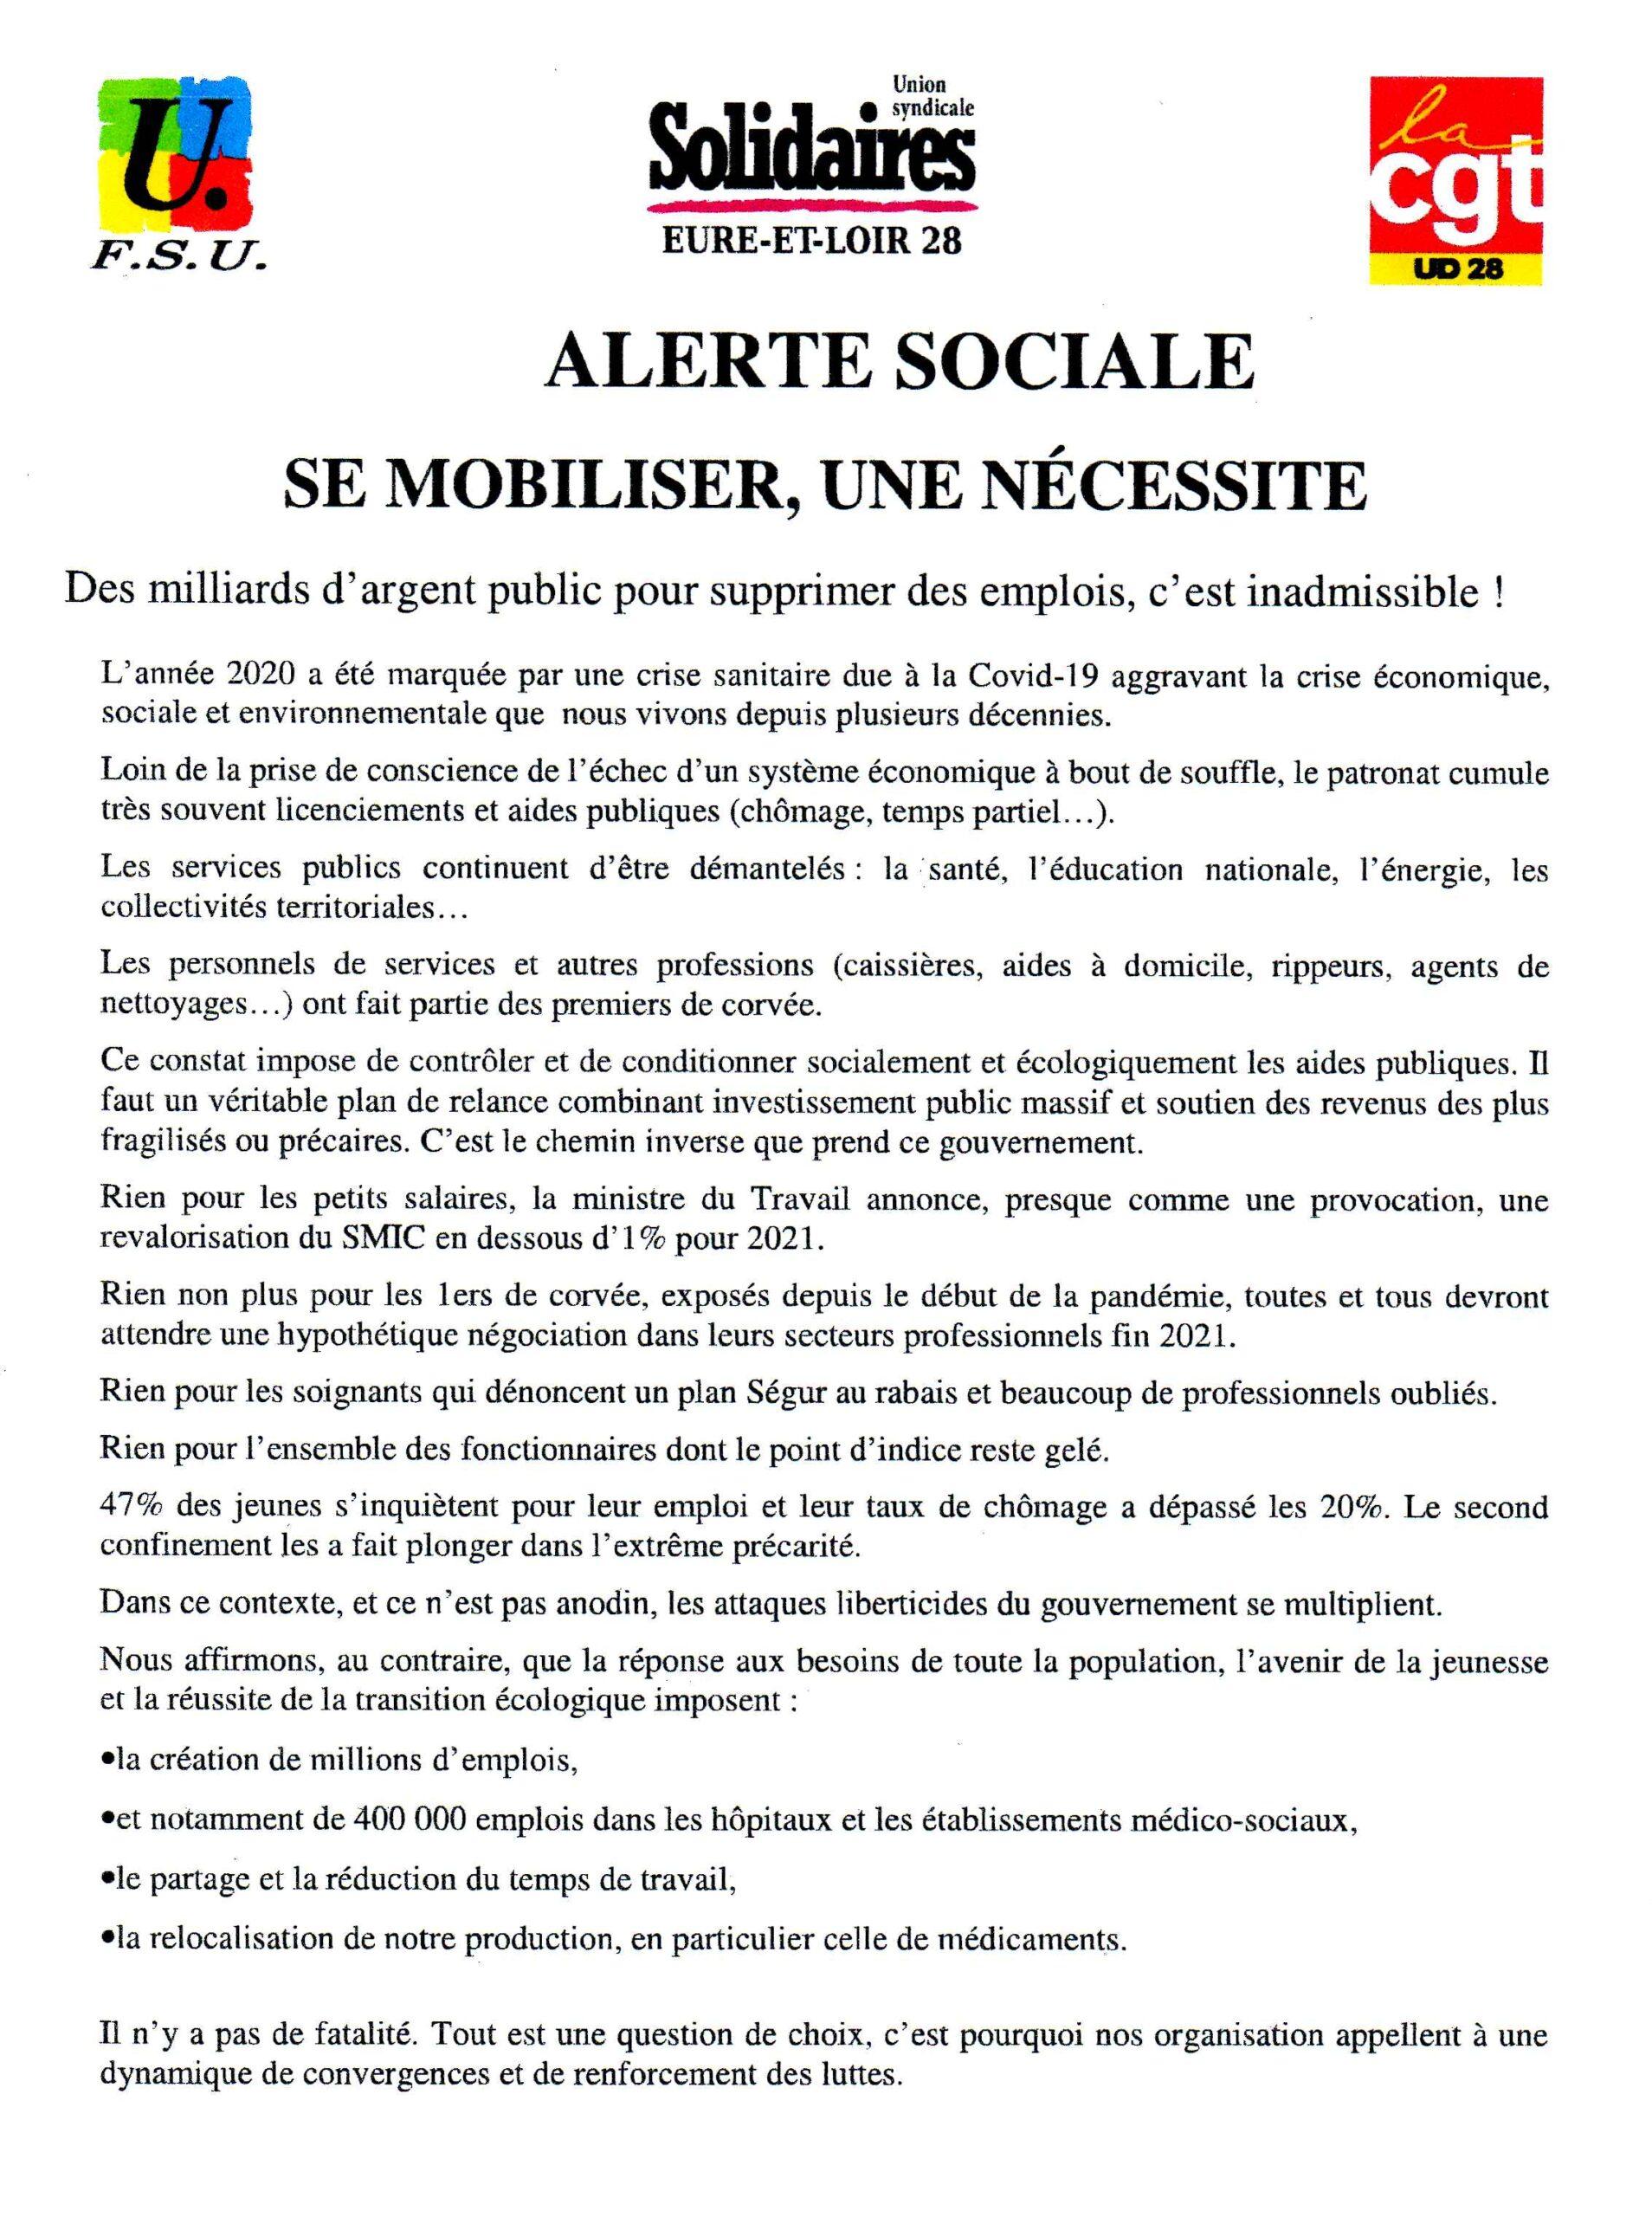 Appel pour l'Eure-&-Loir de l'intersyndicale Interpro pour le 04-02-2021